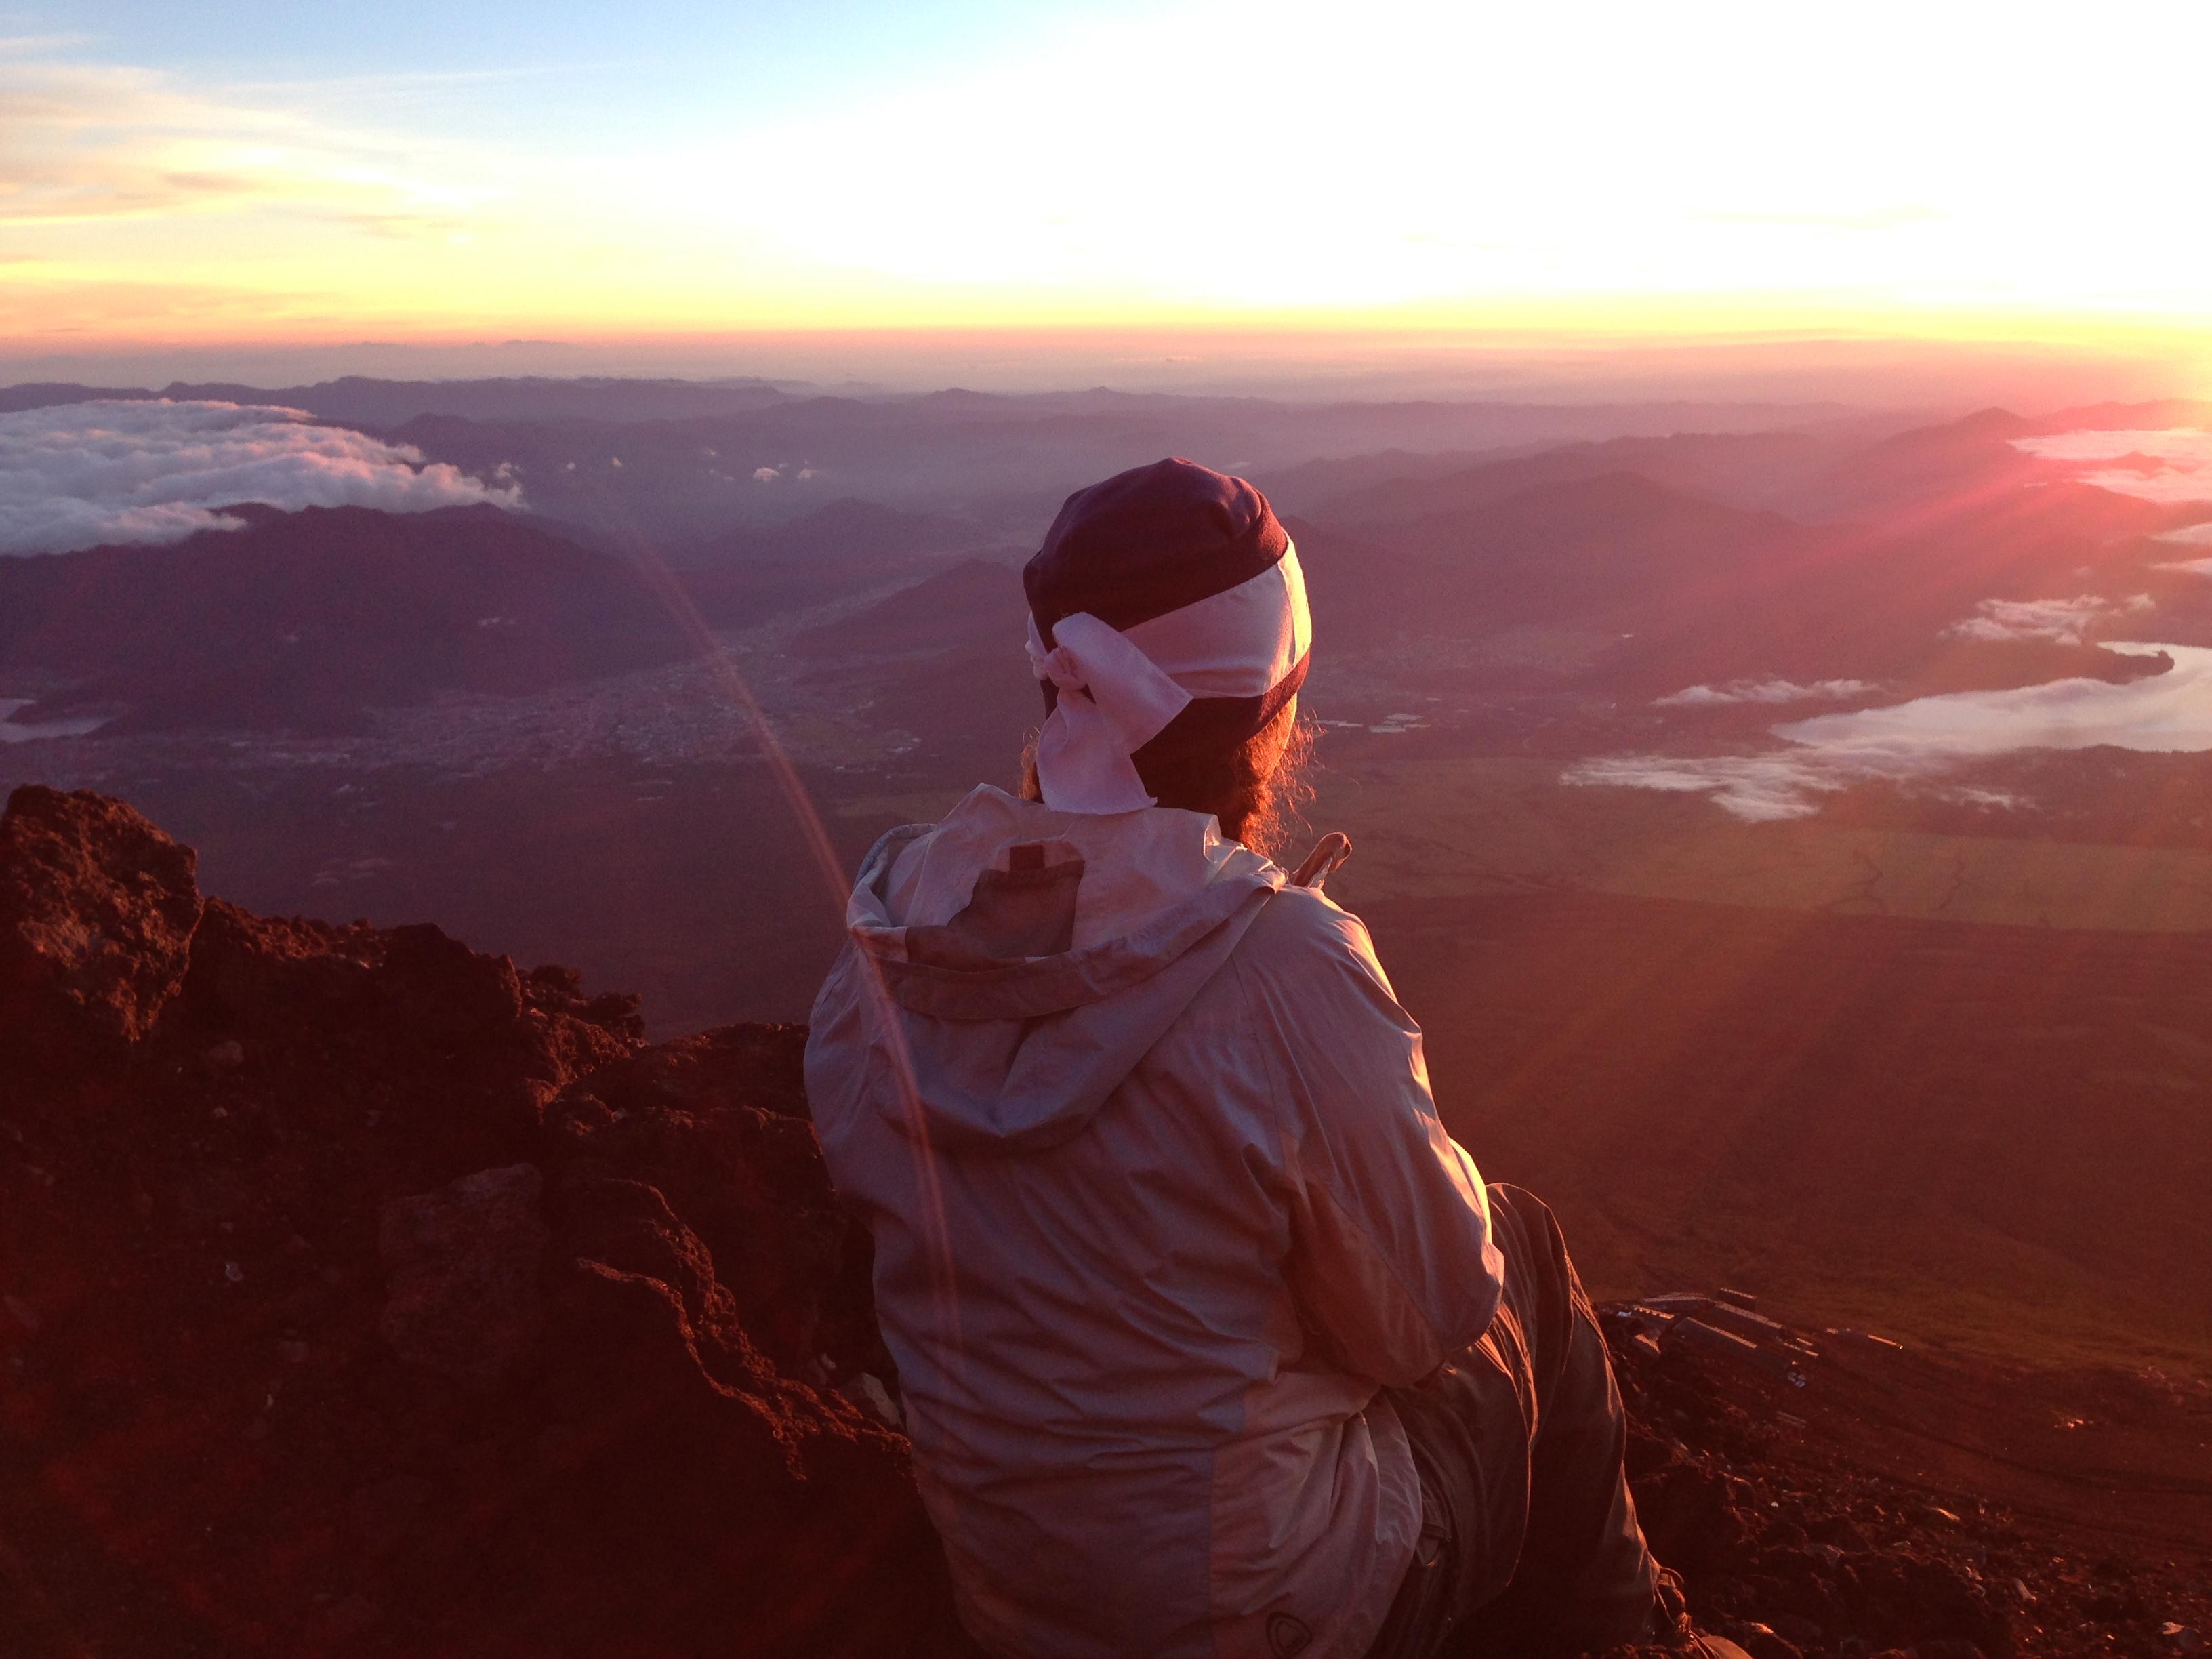 Risultati immagini per see the sunrise